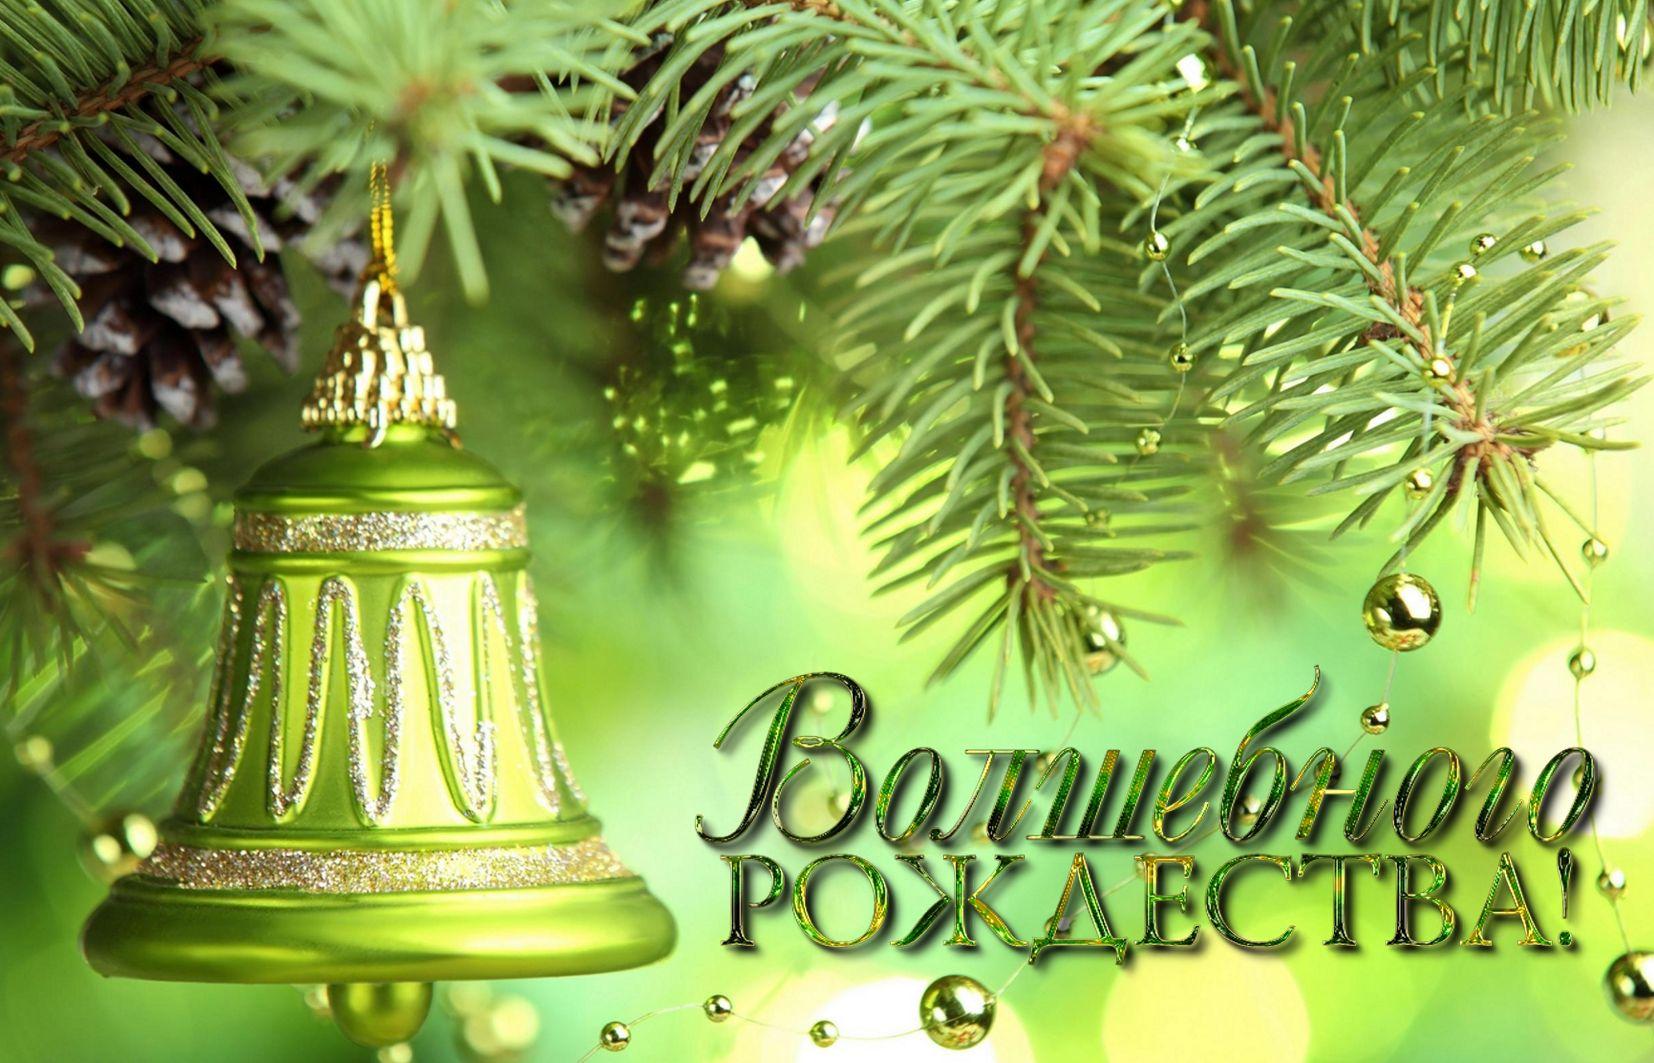 Открытка с пожеланием Волшебного Рождества